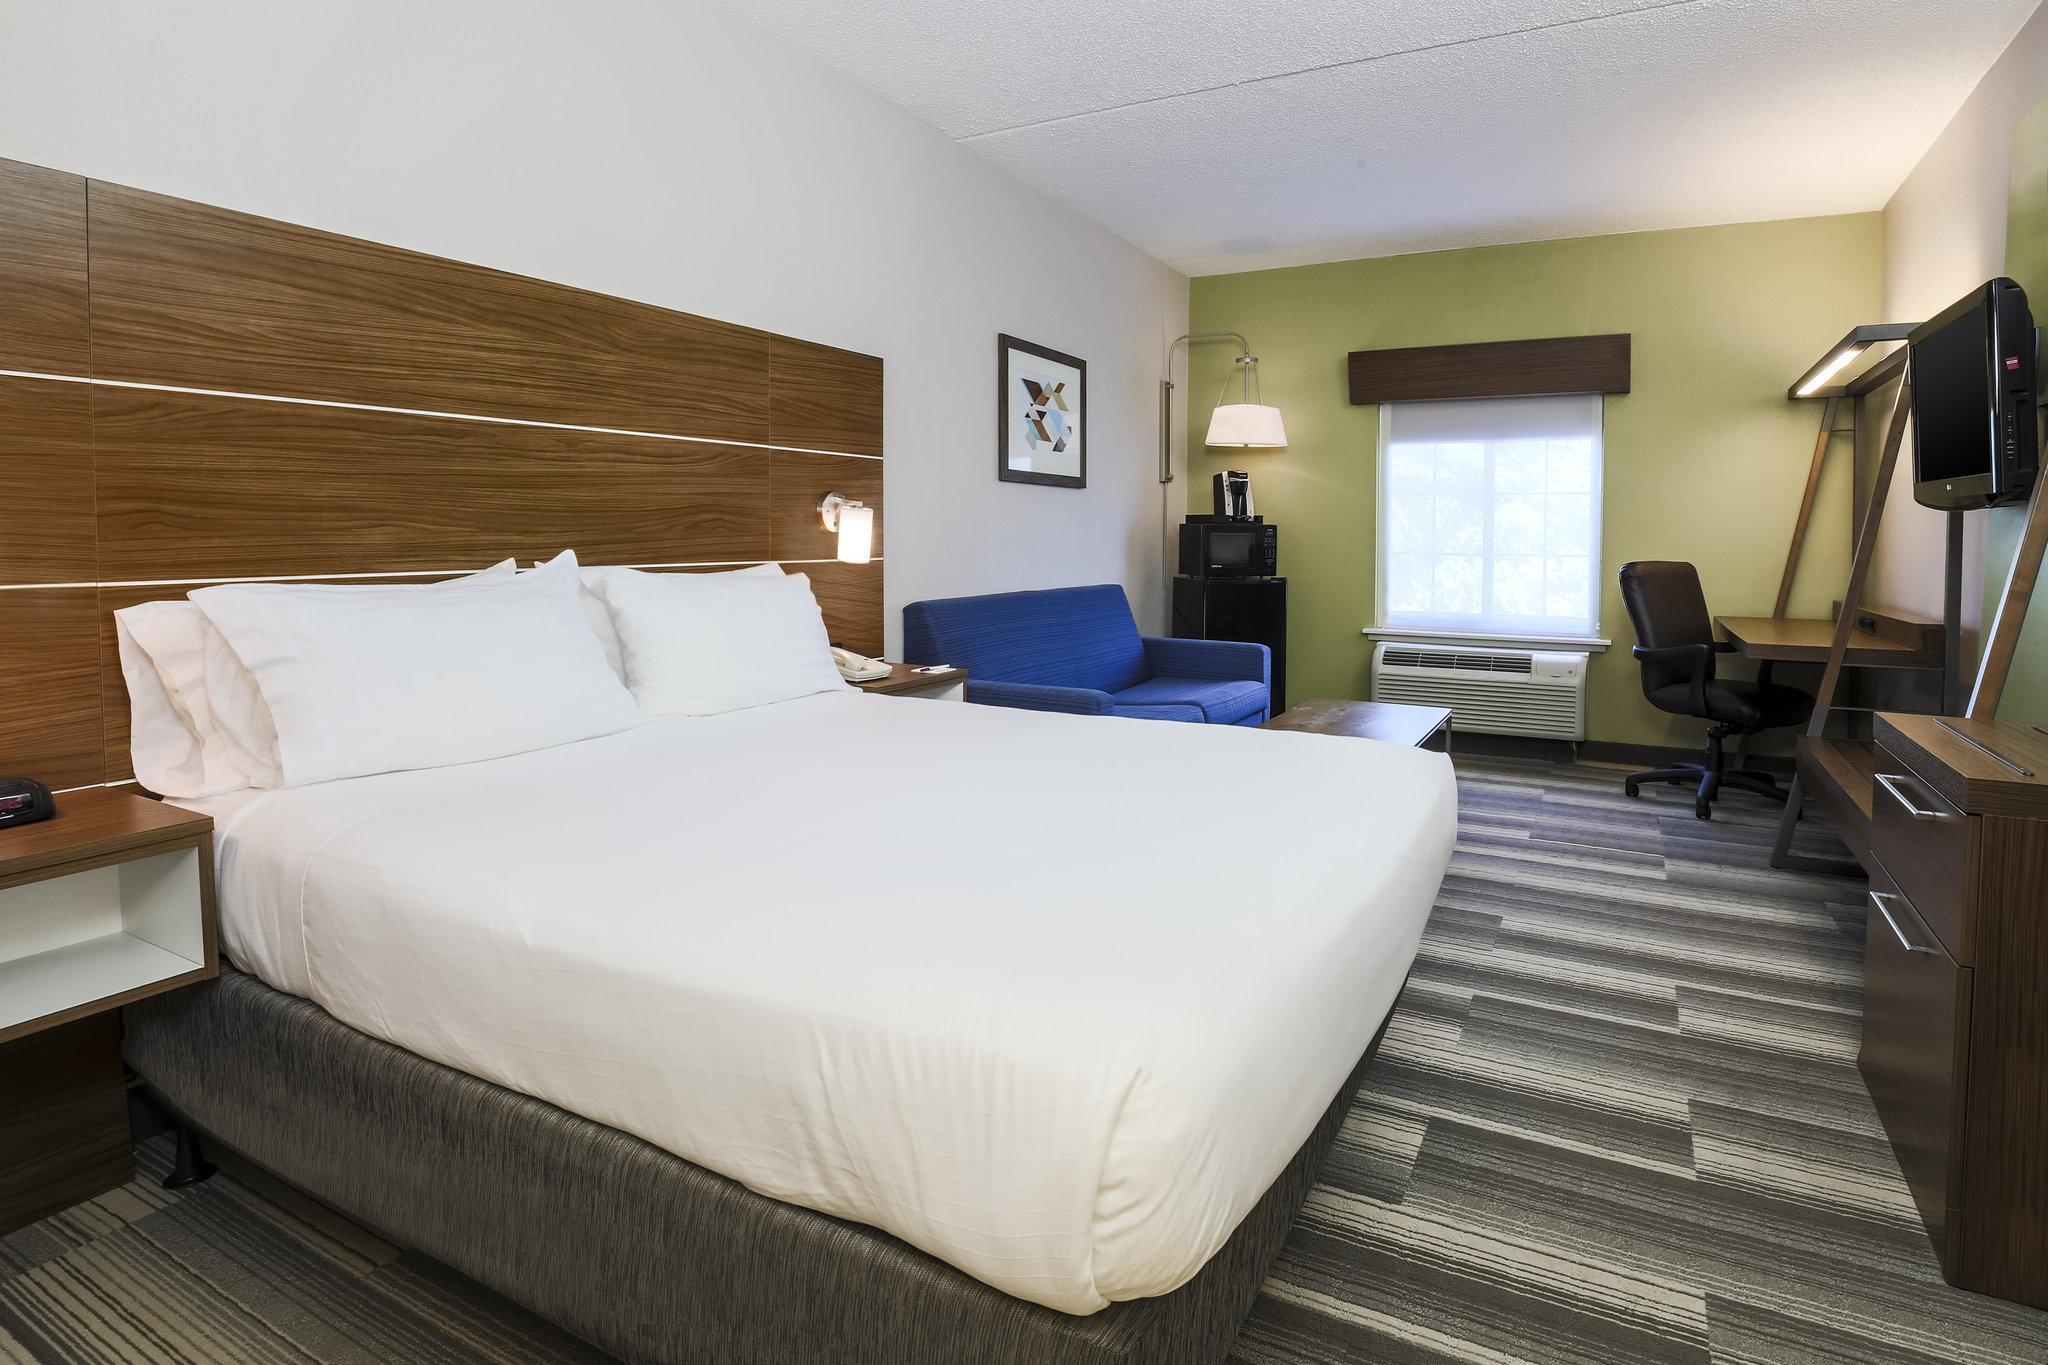 Holiday Inn Express Philadelphia Ne Langhorne In Fairless